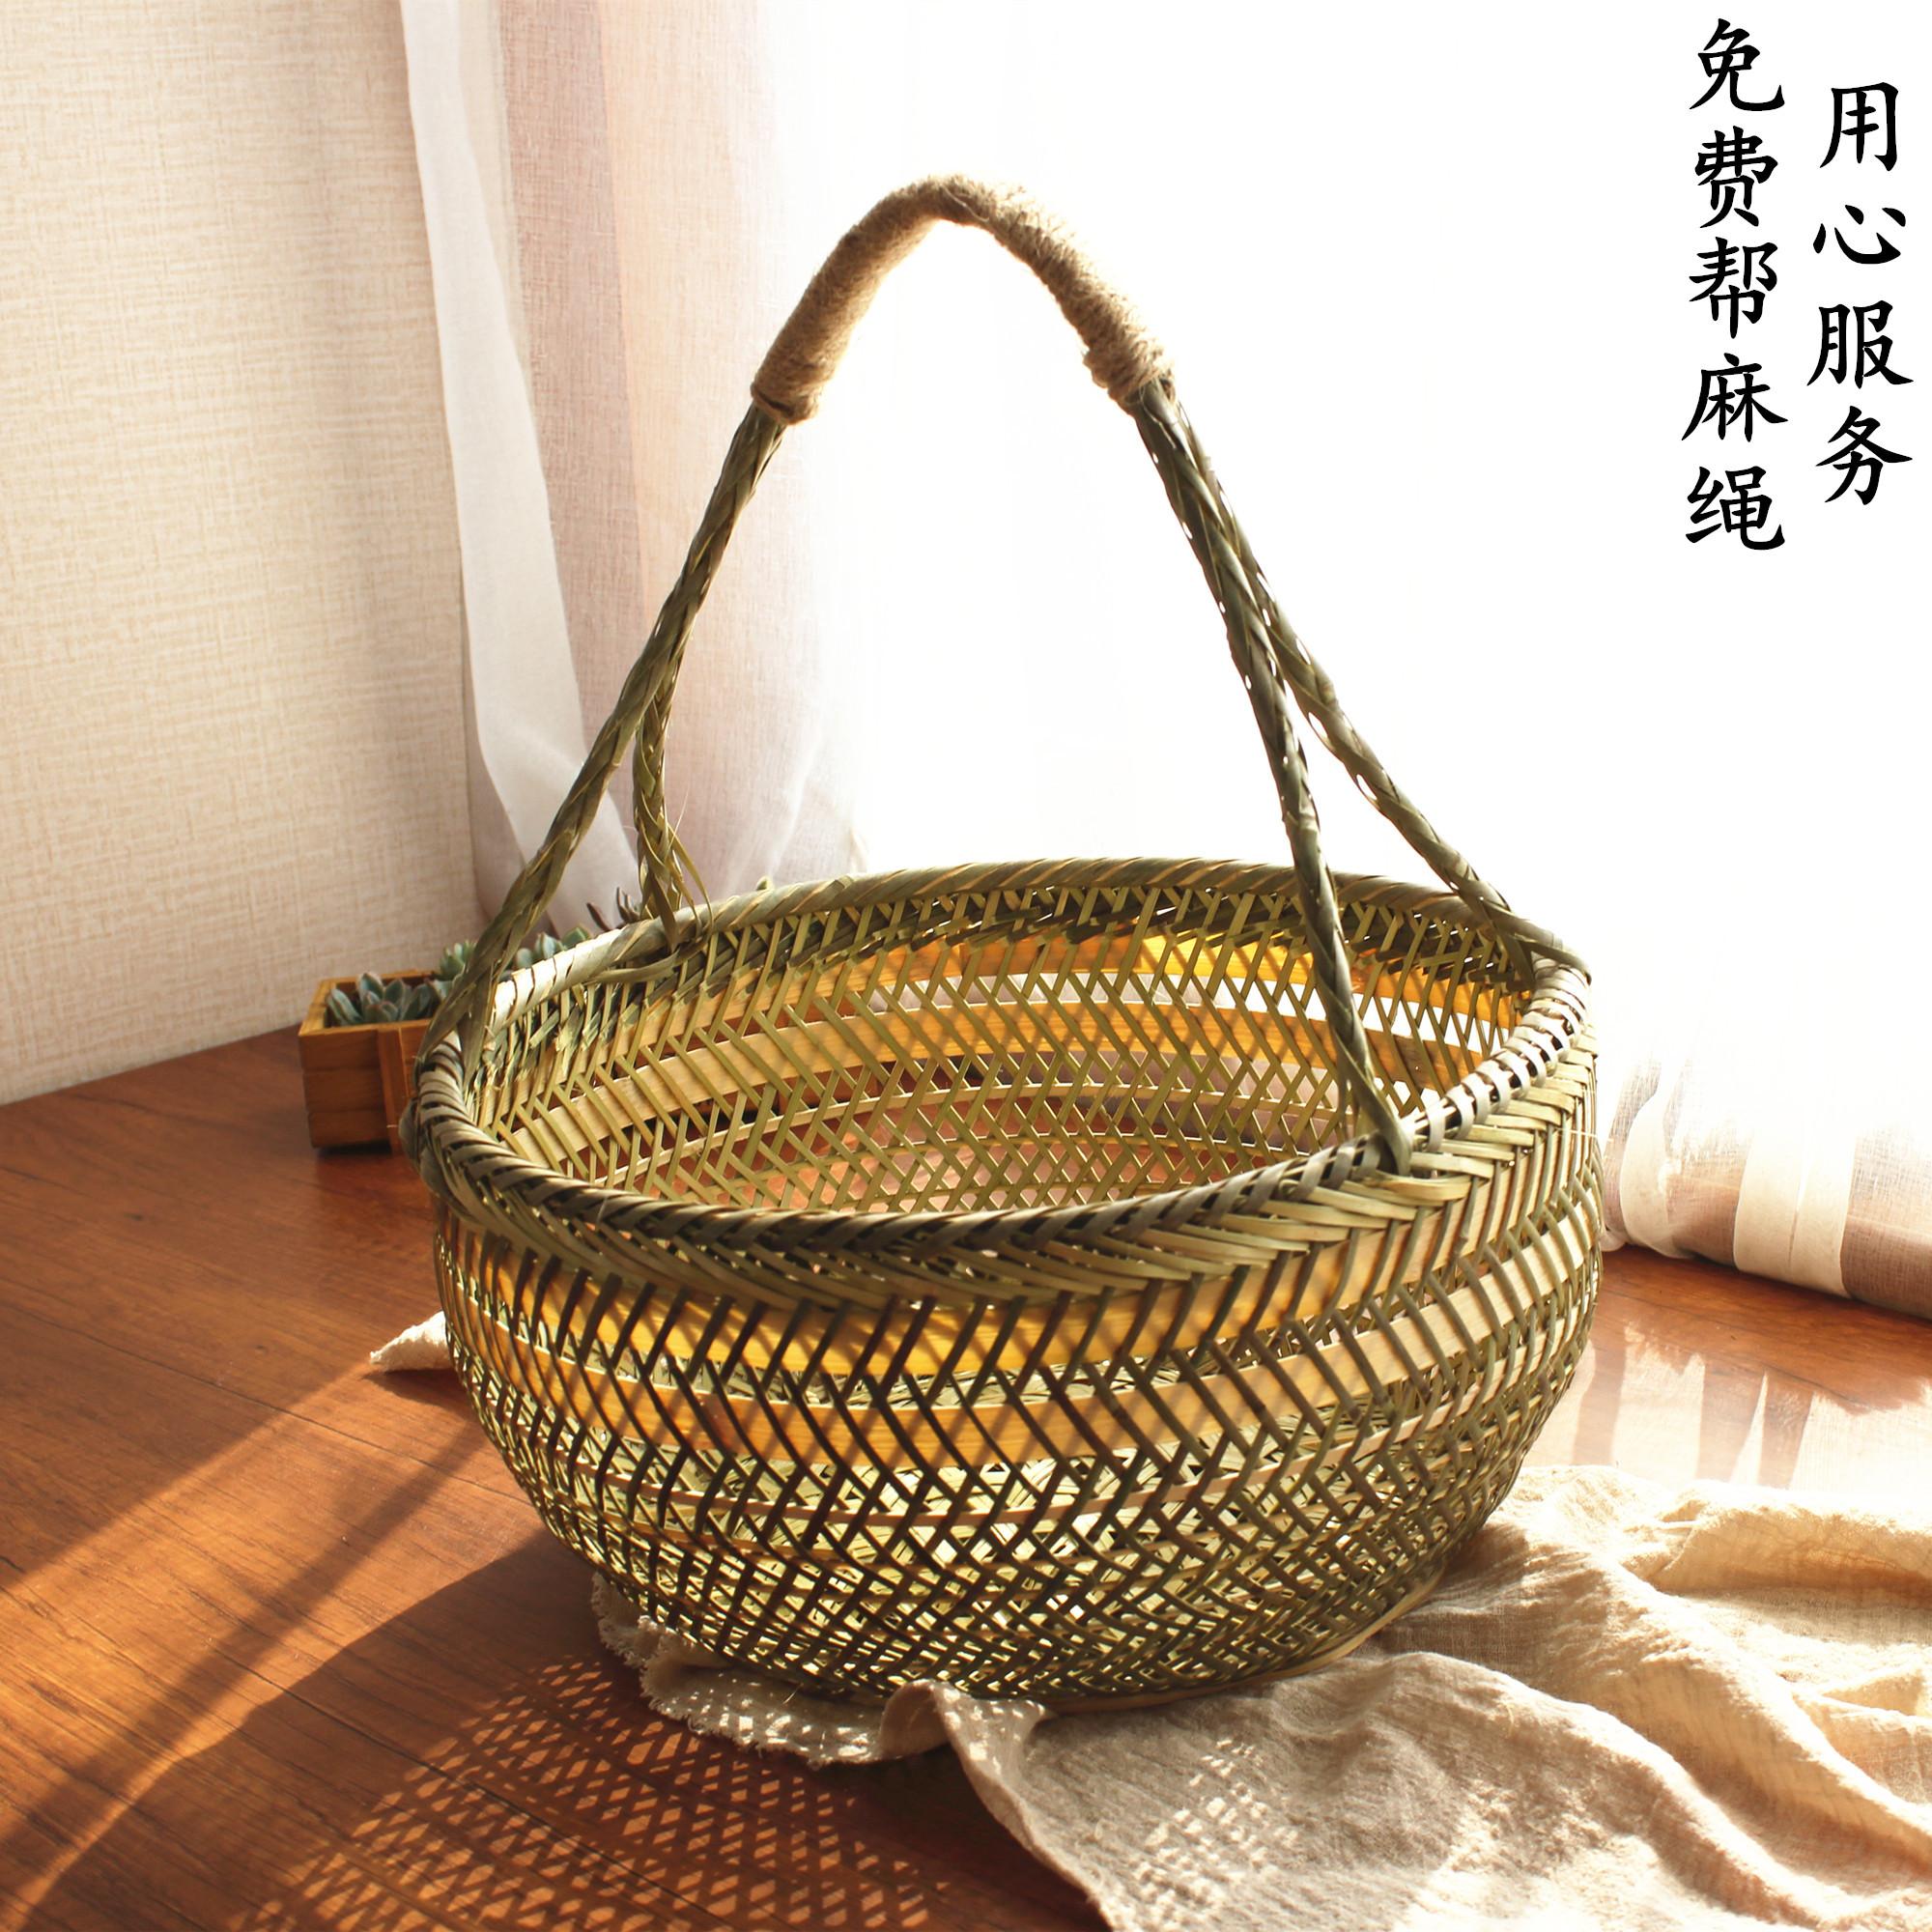 圆竹篮子手提鸡蛋包装篮蔬菜框竹编